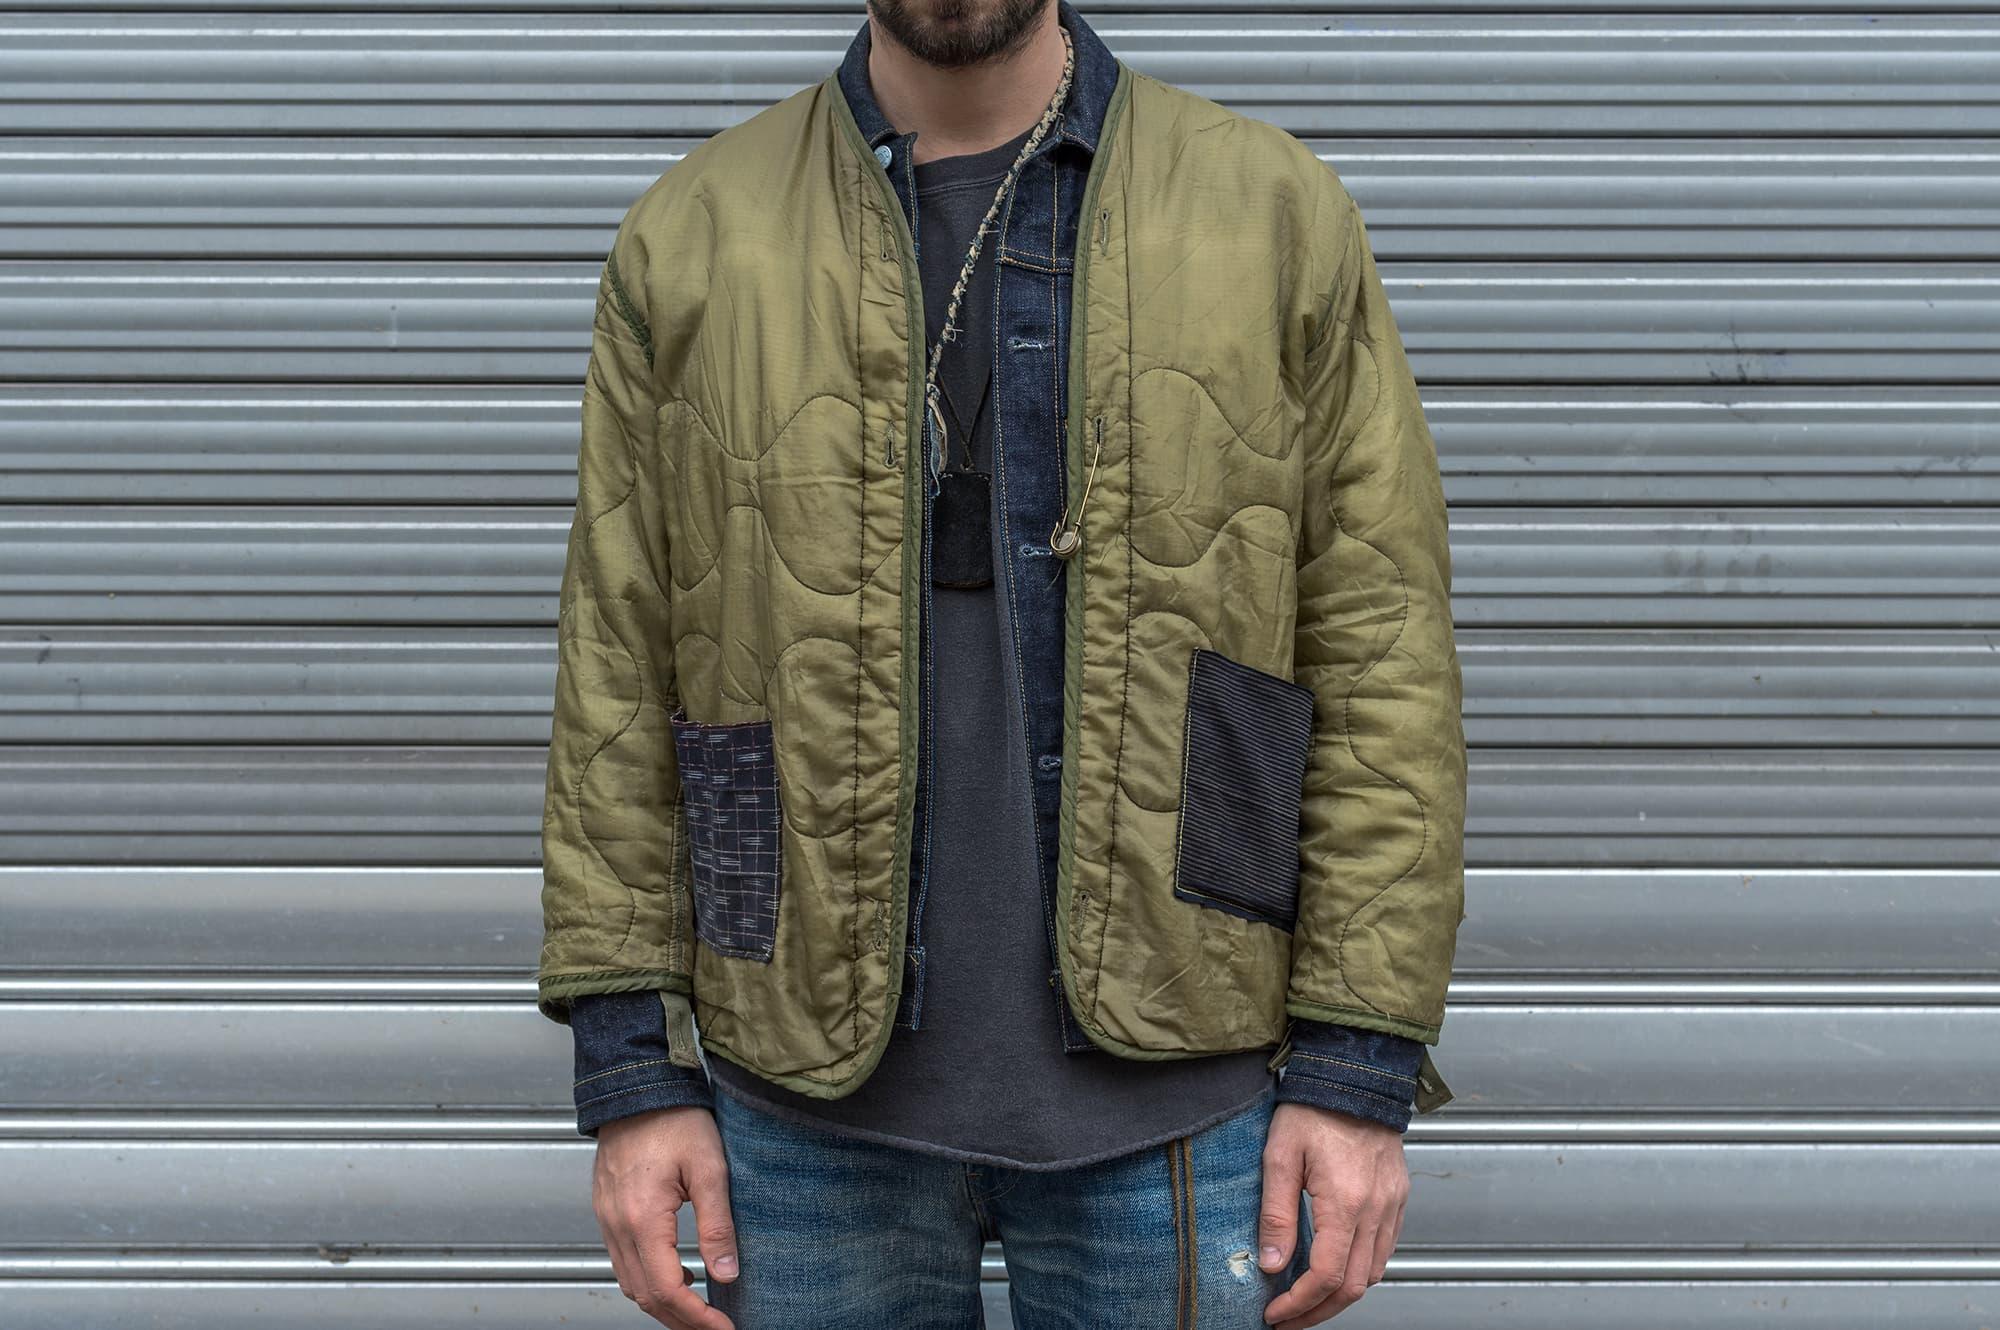 Comment porter un liner de m65 doublure vintage - rework gaijing avec patchwork boro japonais sashiko layering avec une veste en jean trucker type 1